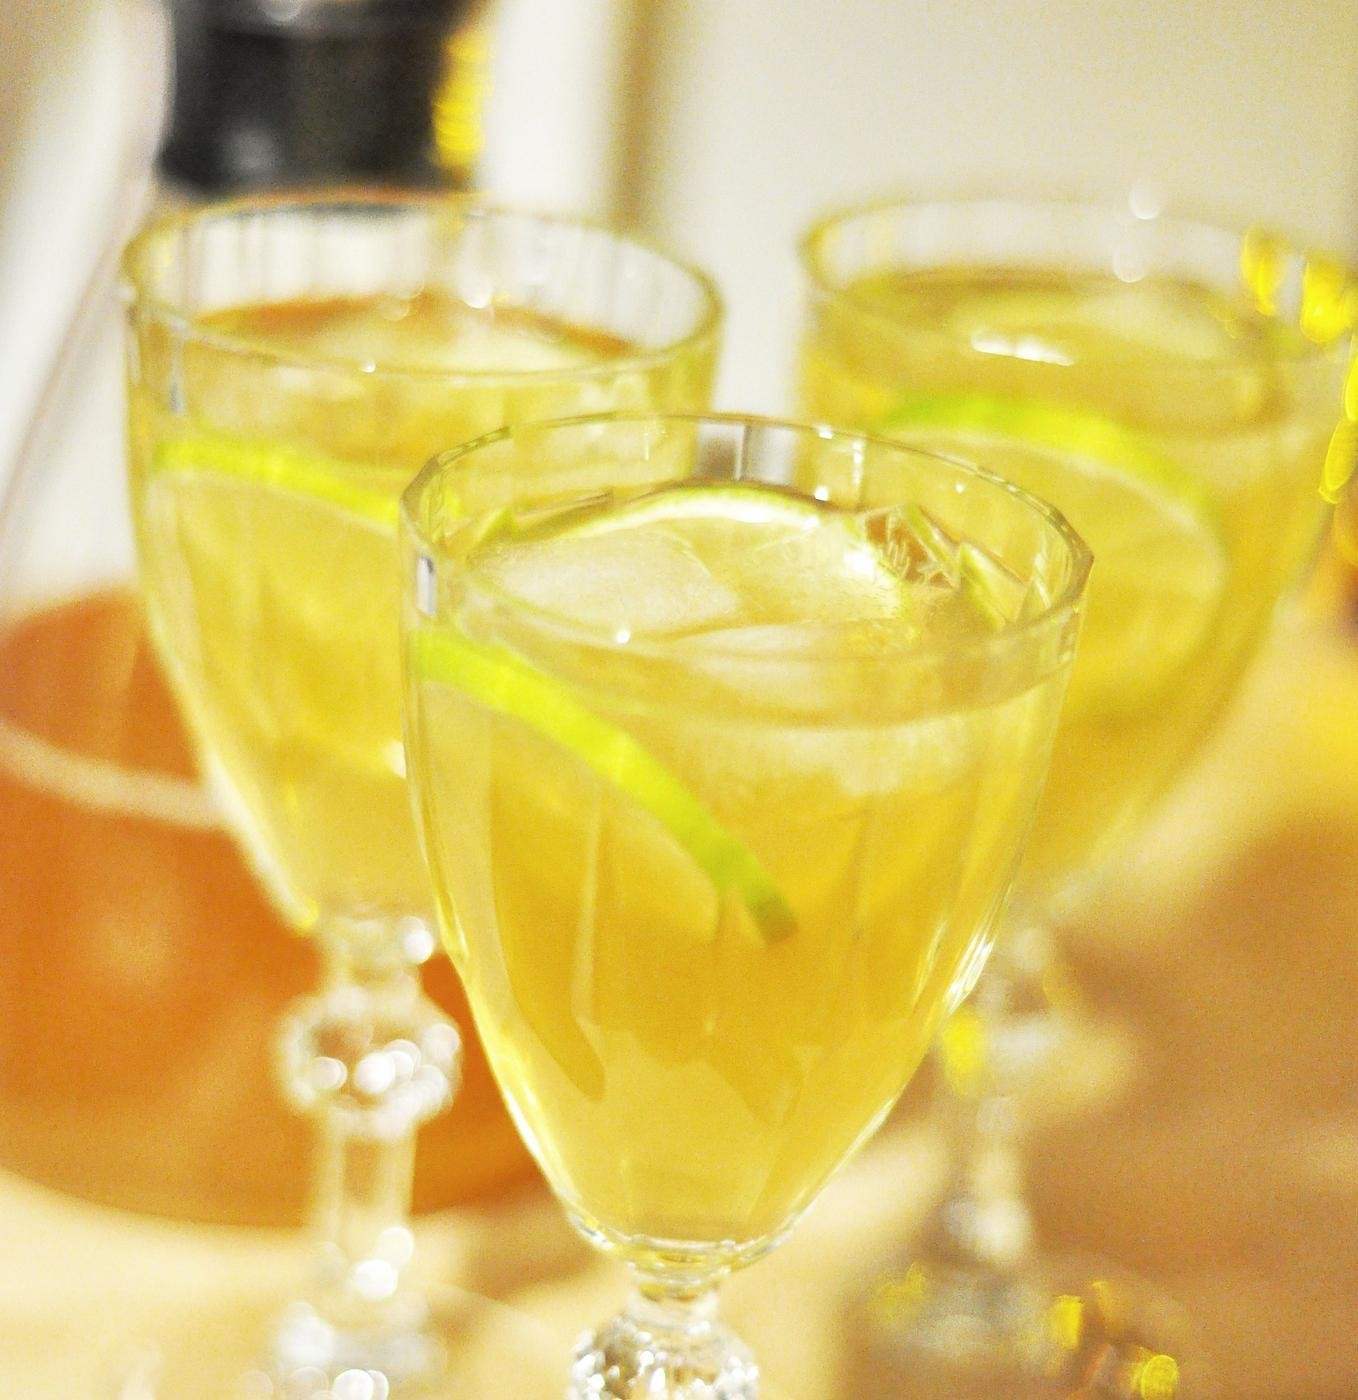 Tre vinglas med dryck.